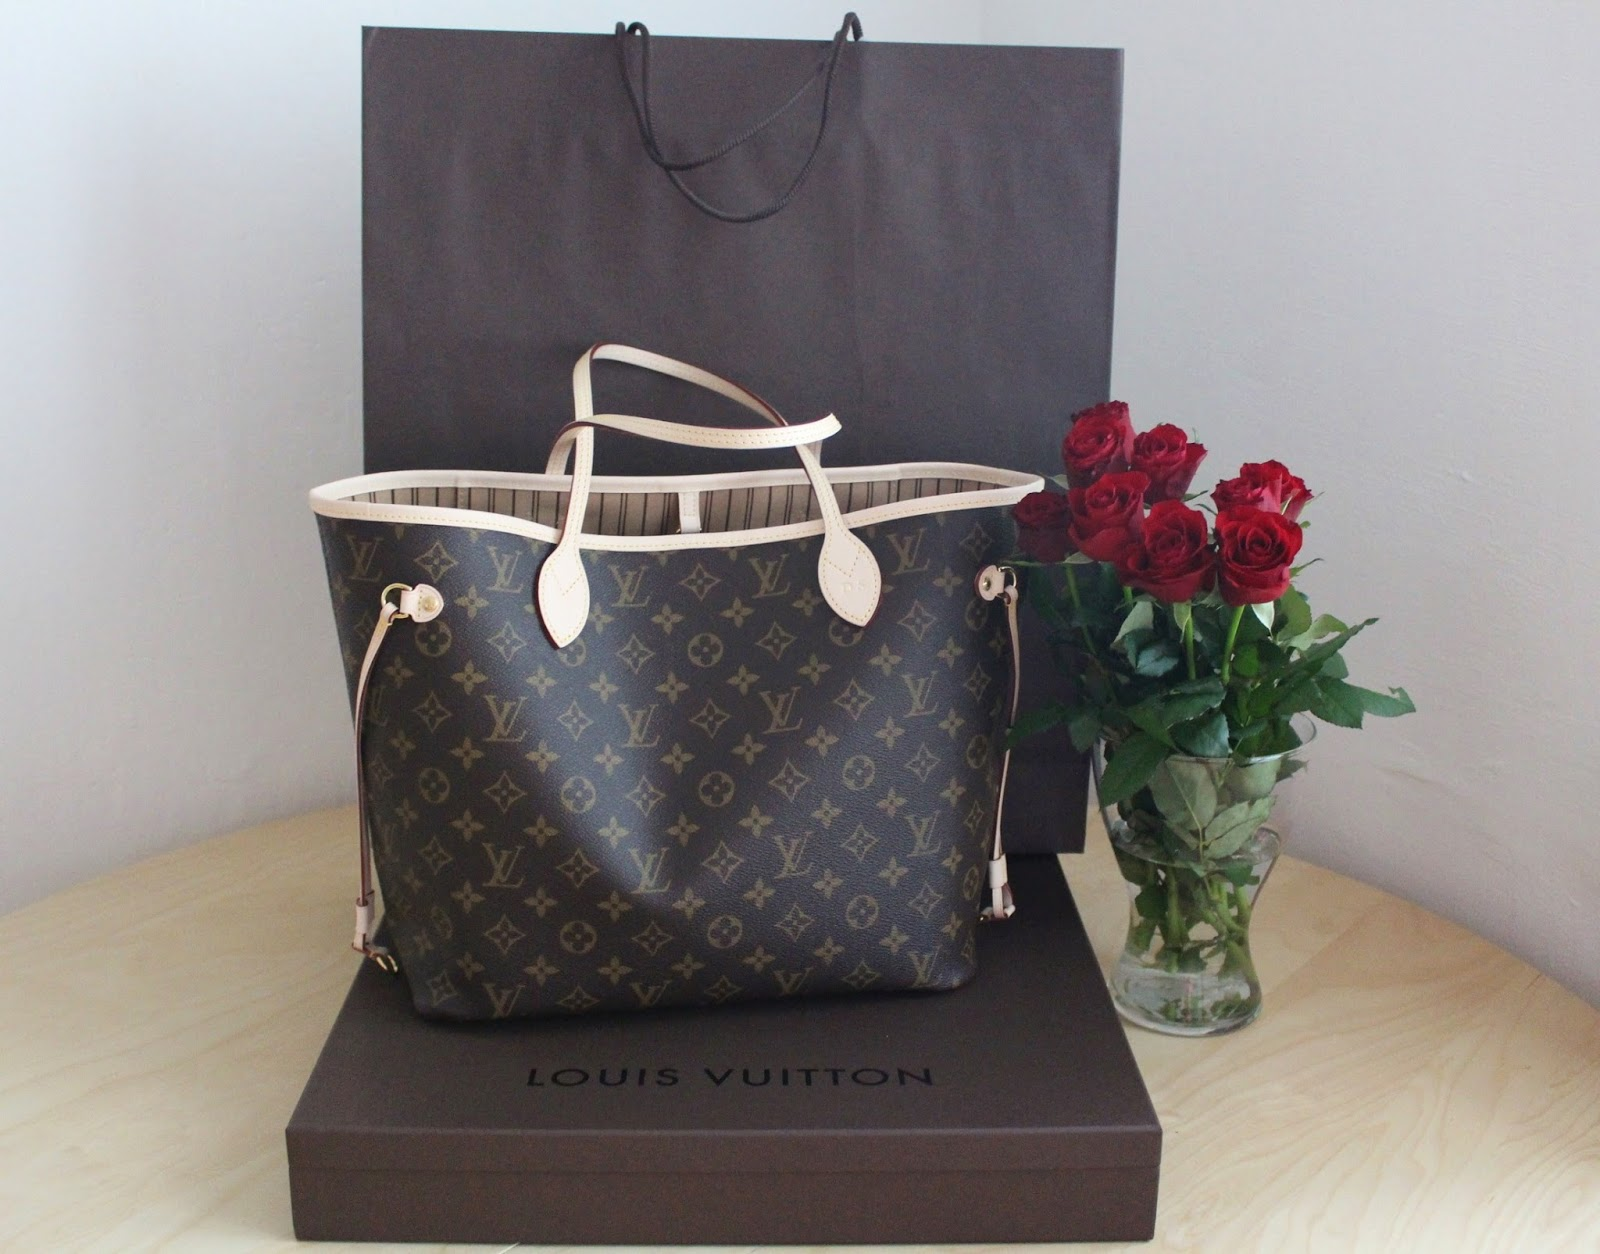 2cbfe23009 Dnešní článek bude věnován mé první a hlavně vysněné kabelce Louis Vuitton  -Neverfull MM. Je mi jasné